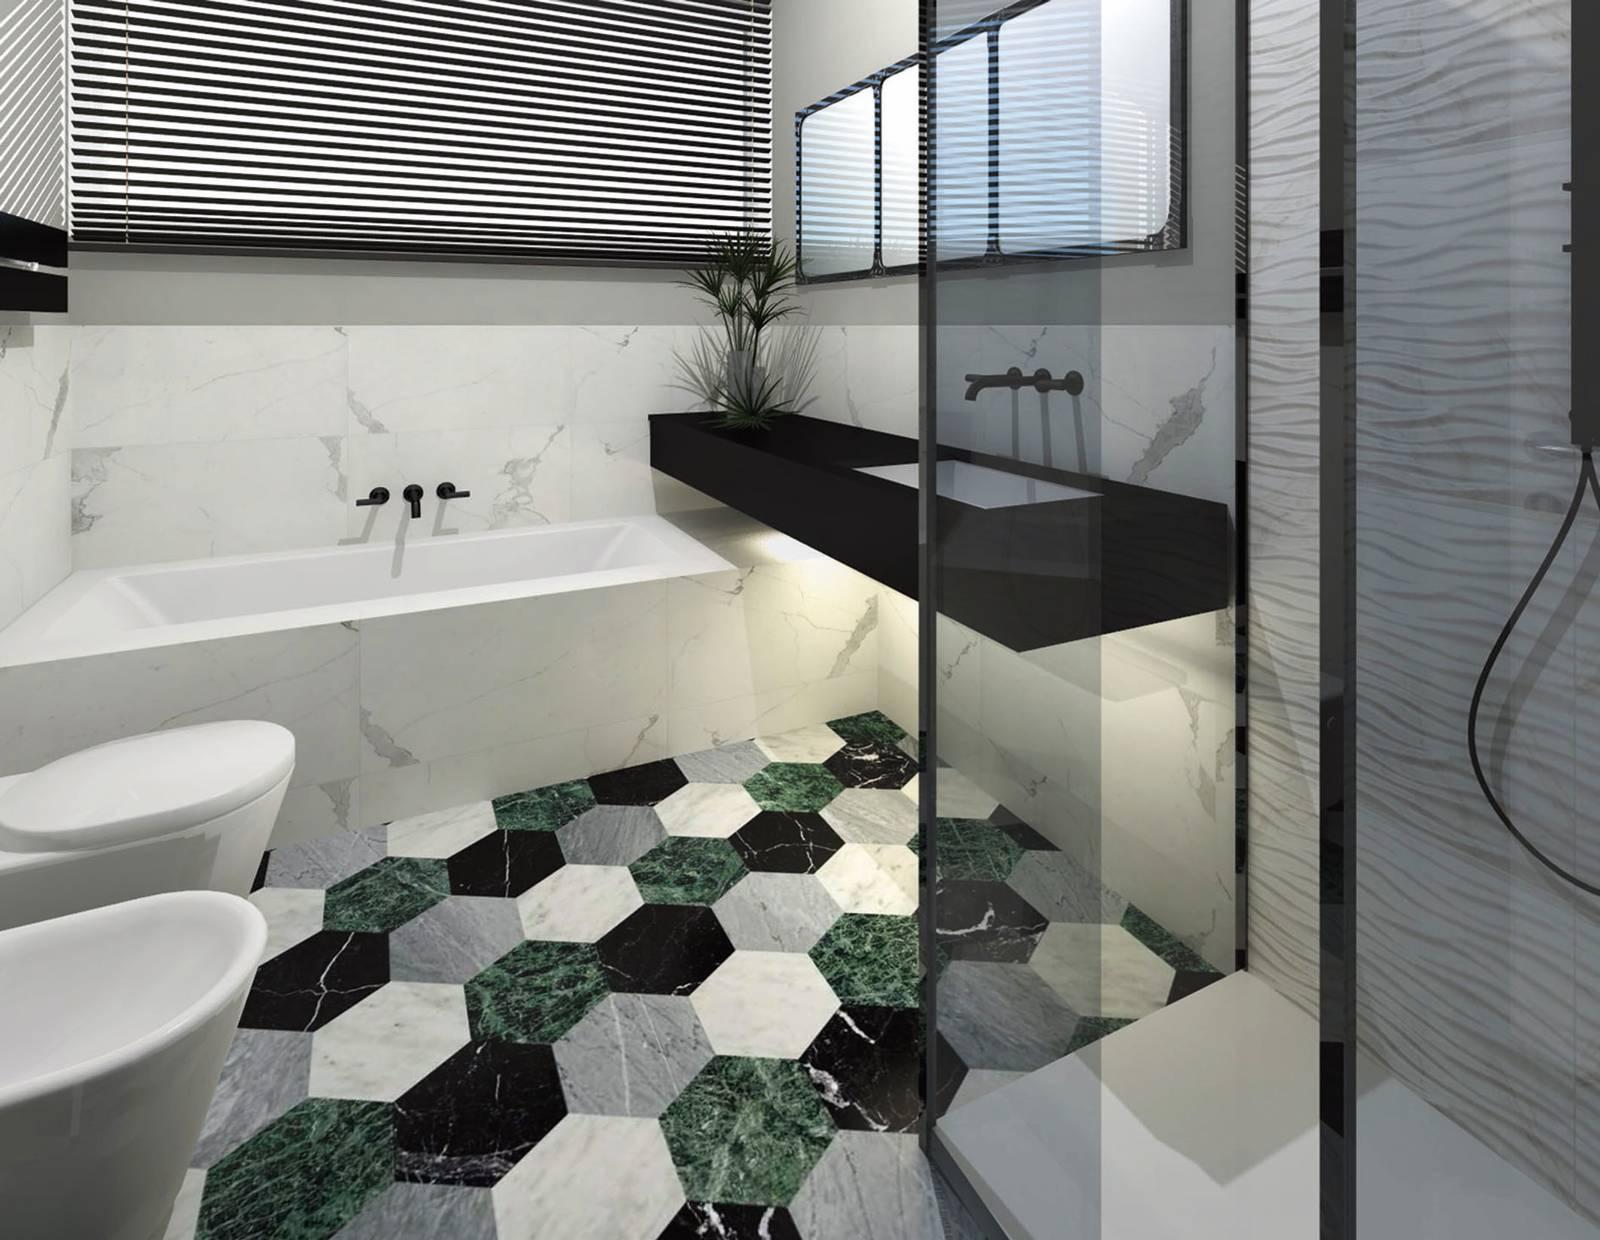 Ristrutturazione Del Bagno Idee : Bagno: in 6 5 mq via libera ai decori. progetto in 3d cose di casa